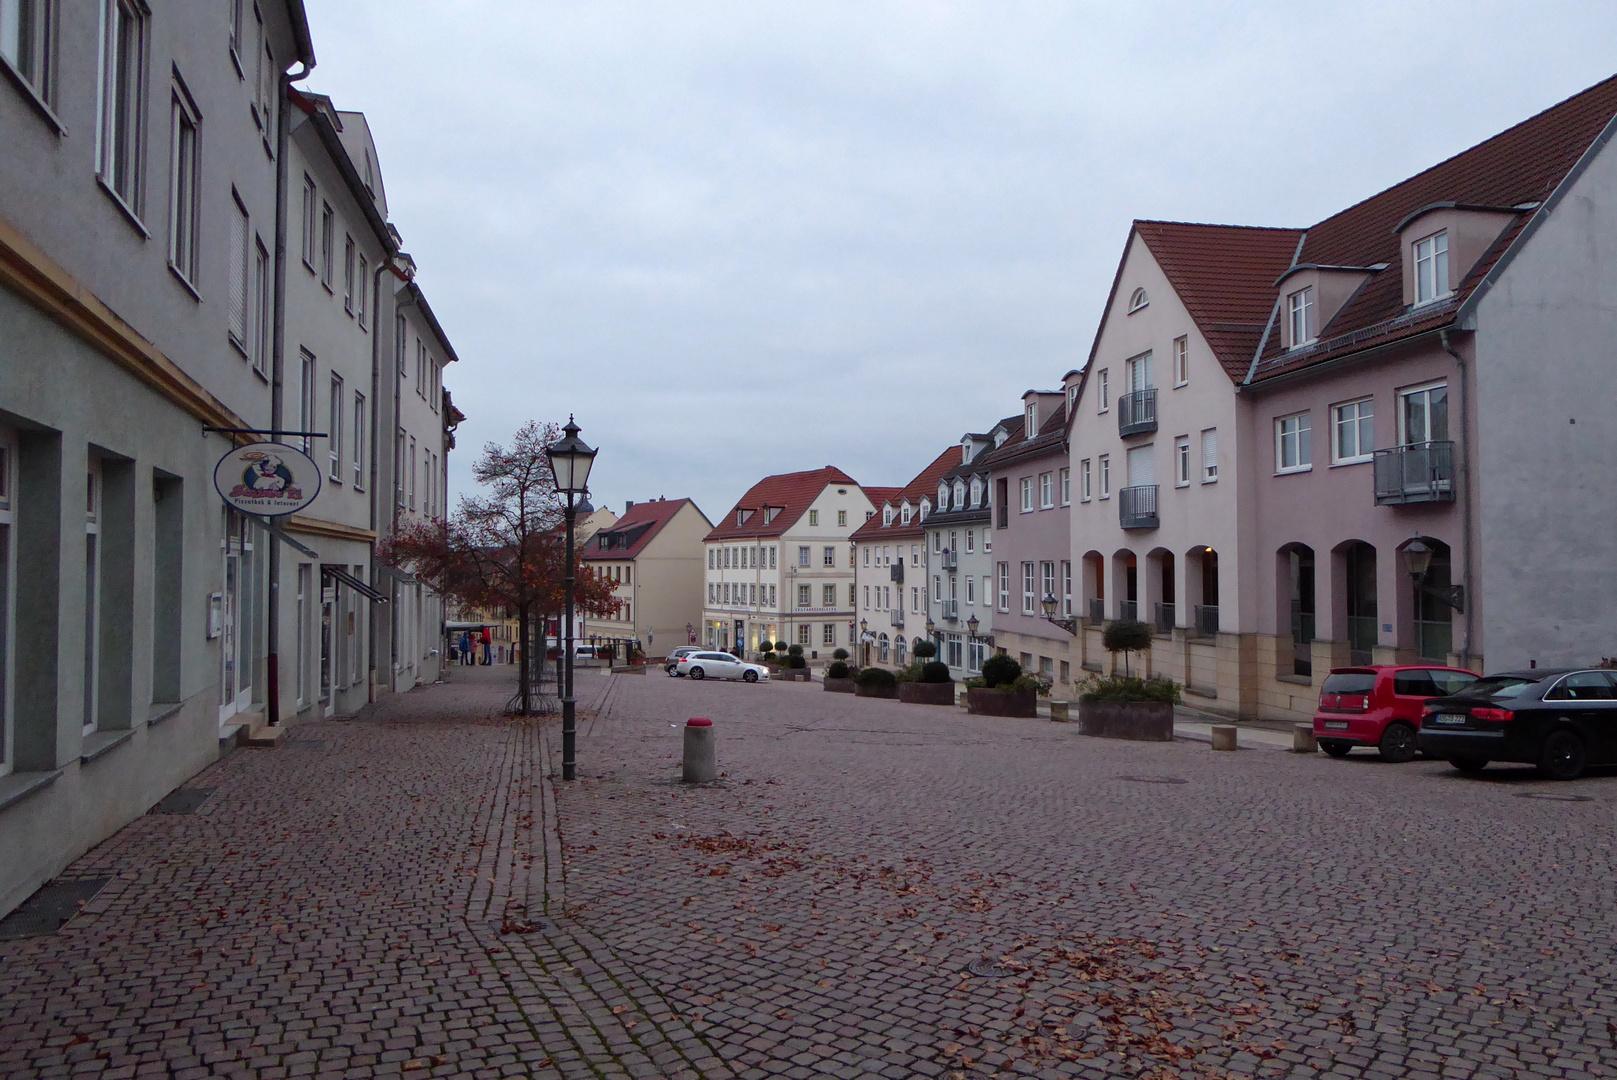 Altenburger Altstadt-Impressionen Dezember 2017 #12